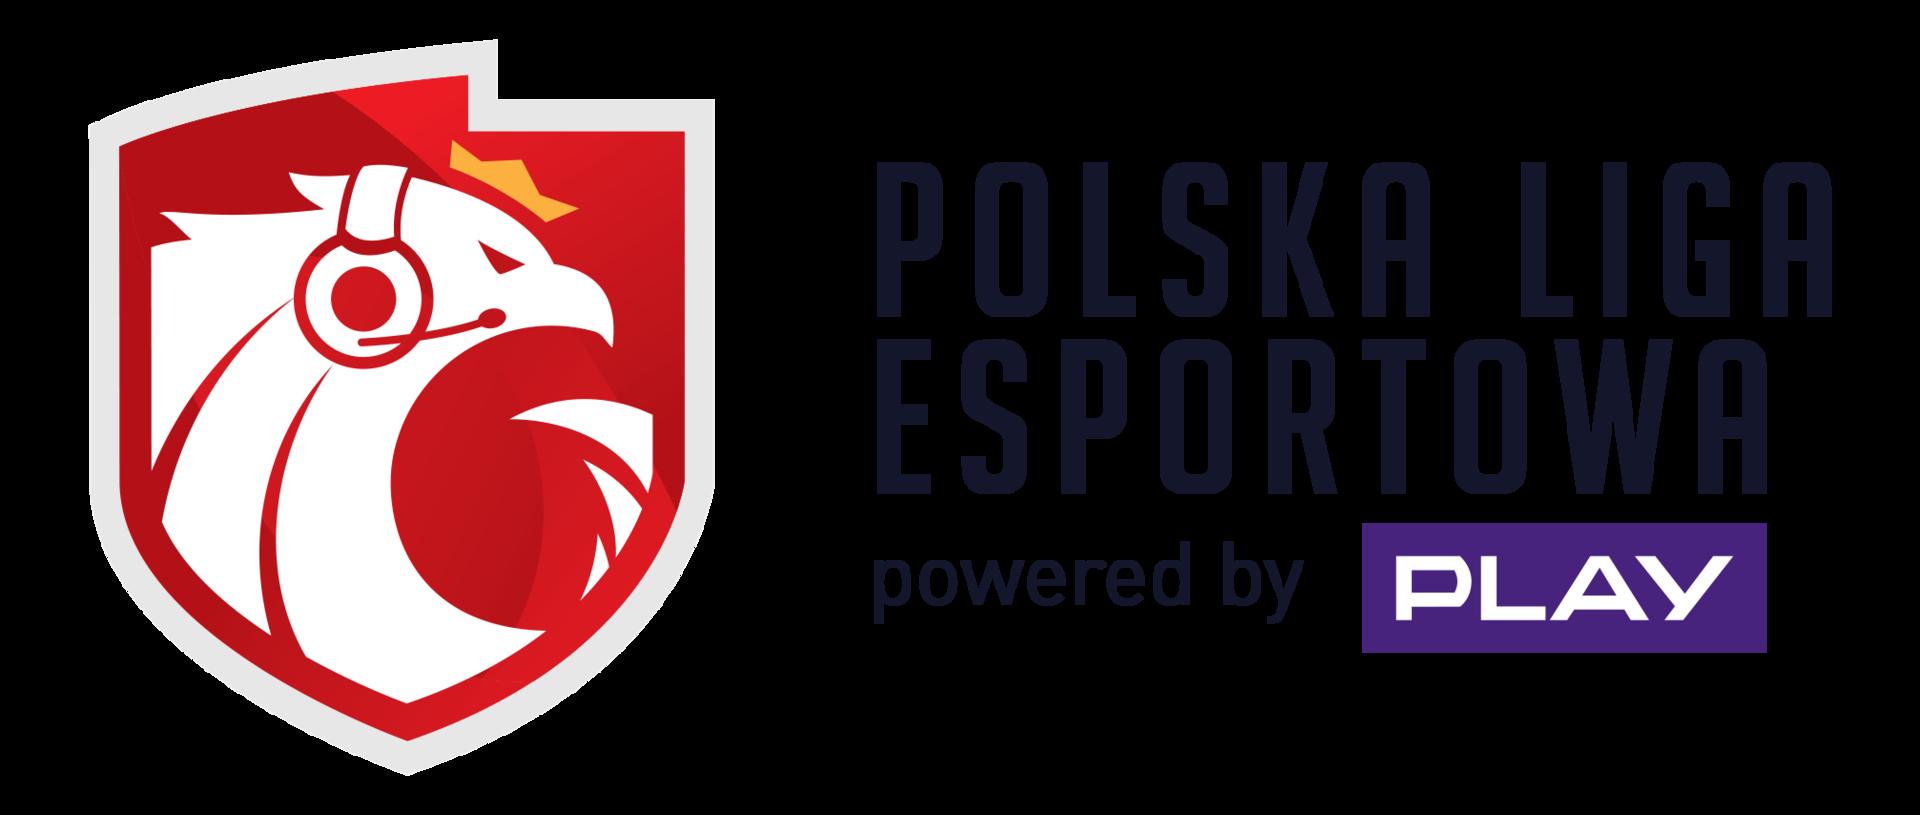 148 tysięcy widzów, 80 zawodników i 16 drużyn - pierwsza połowa Polskiej Ligi Esportowej już za nami!